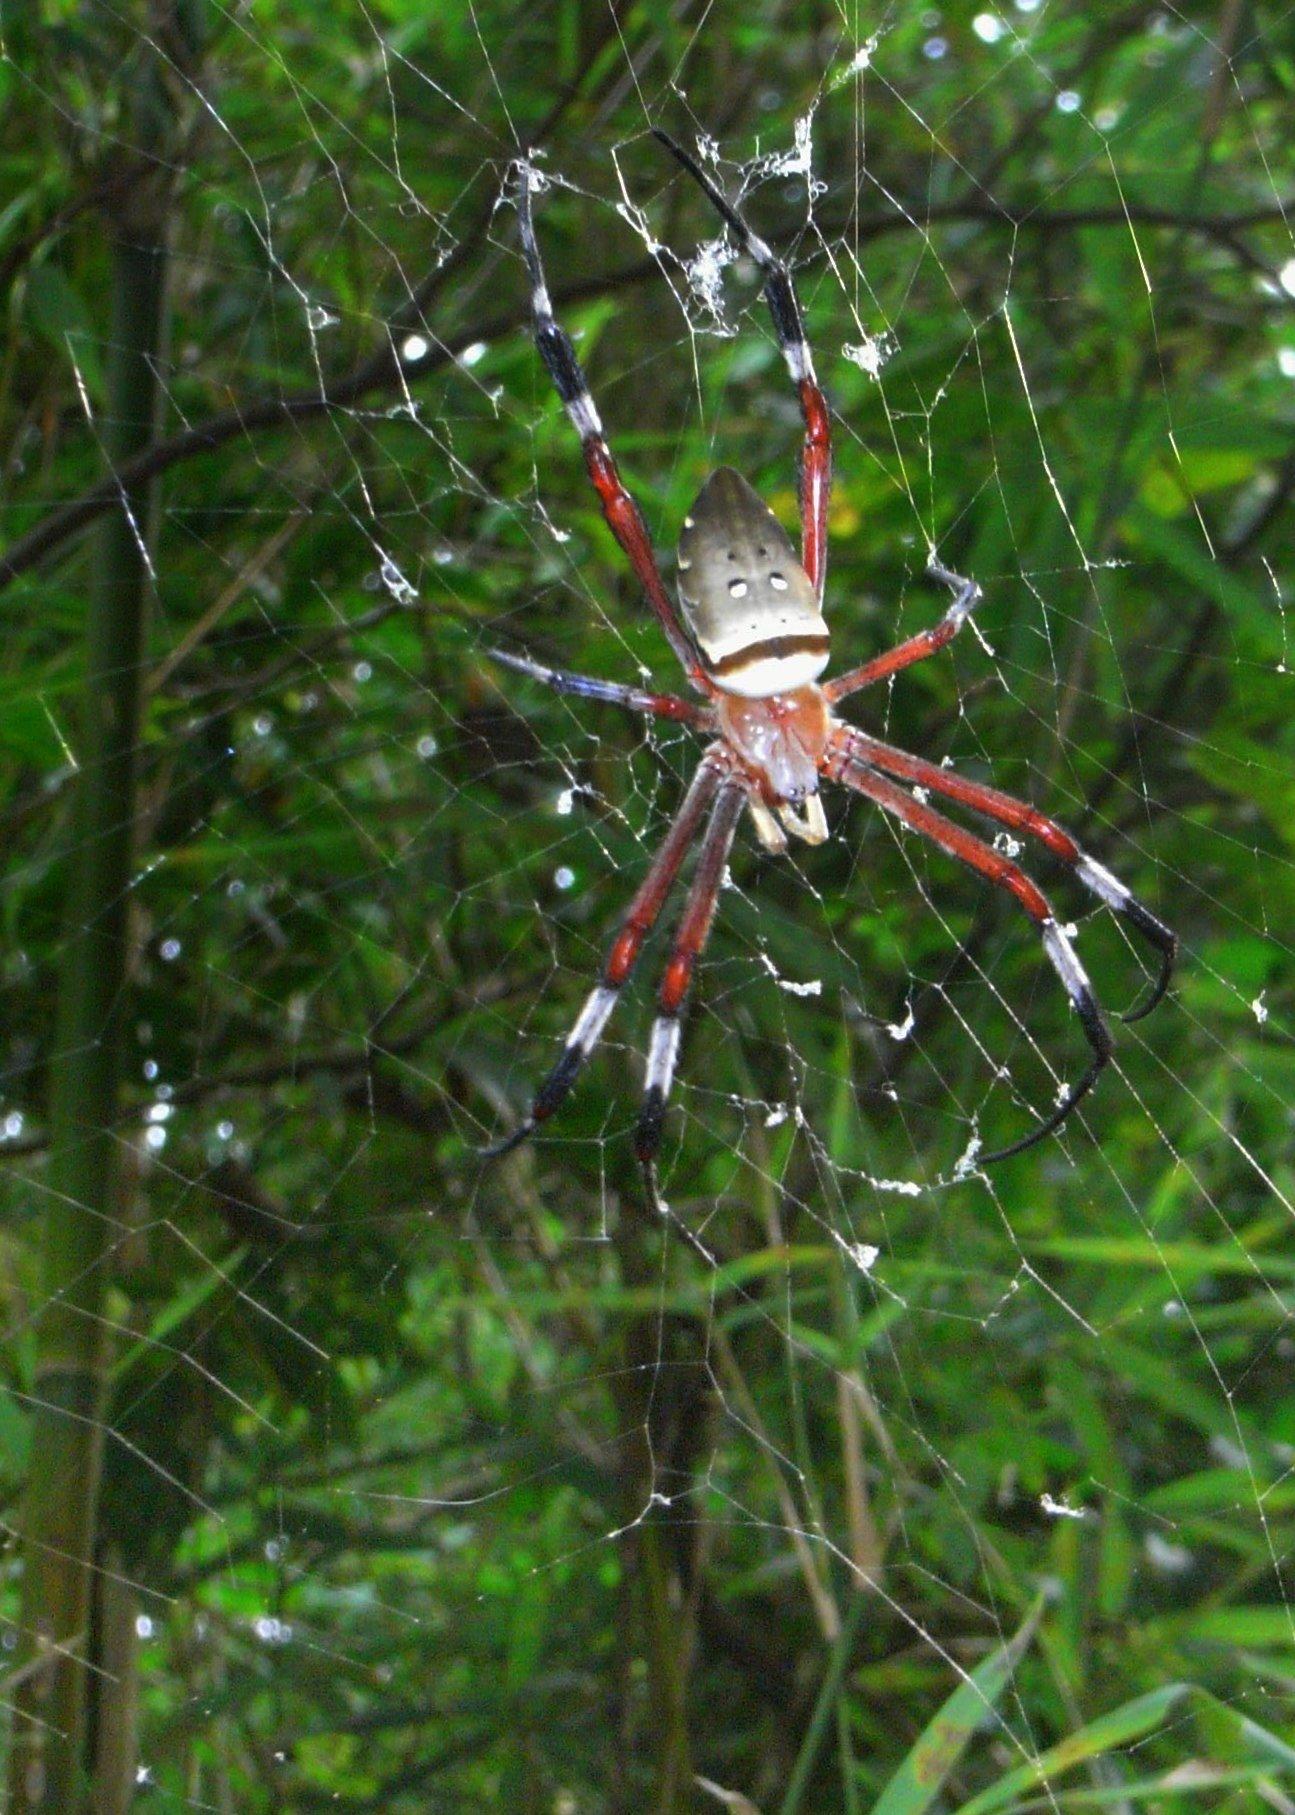 HQ Golden Silk Orb-weaver Spider Wallpapers   File 439.17Kb